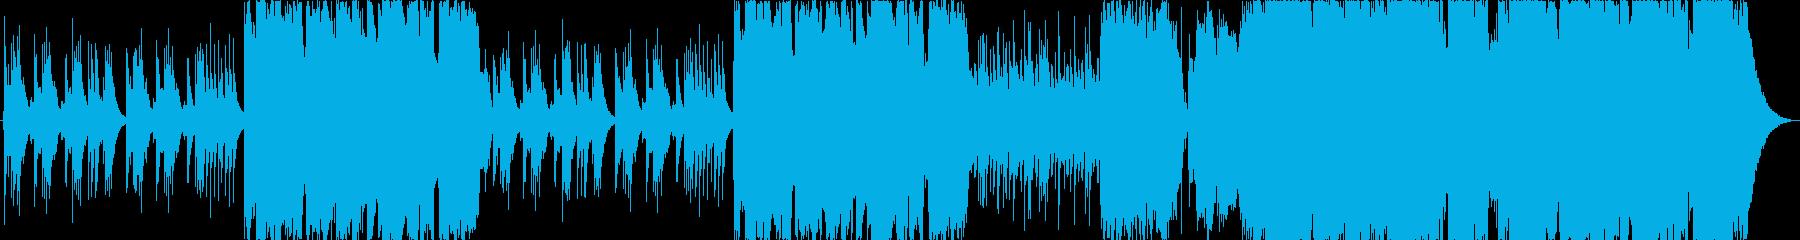 尺八と琴が印象的で心へ響く和風楽曲の再生済みの波形